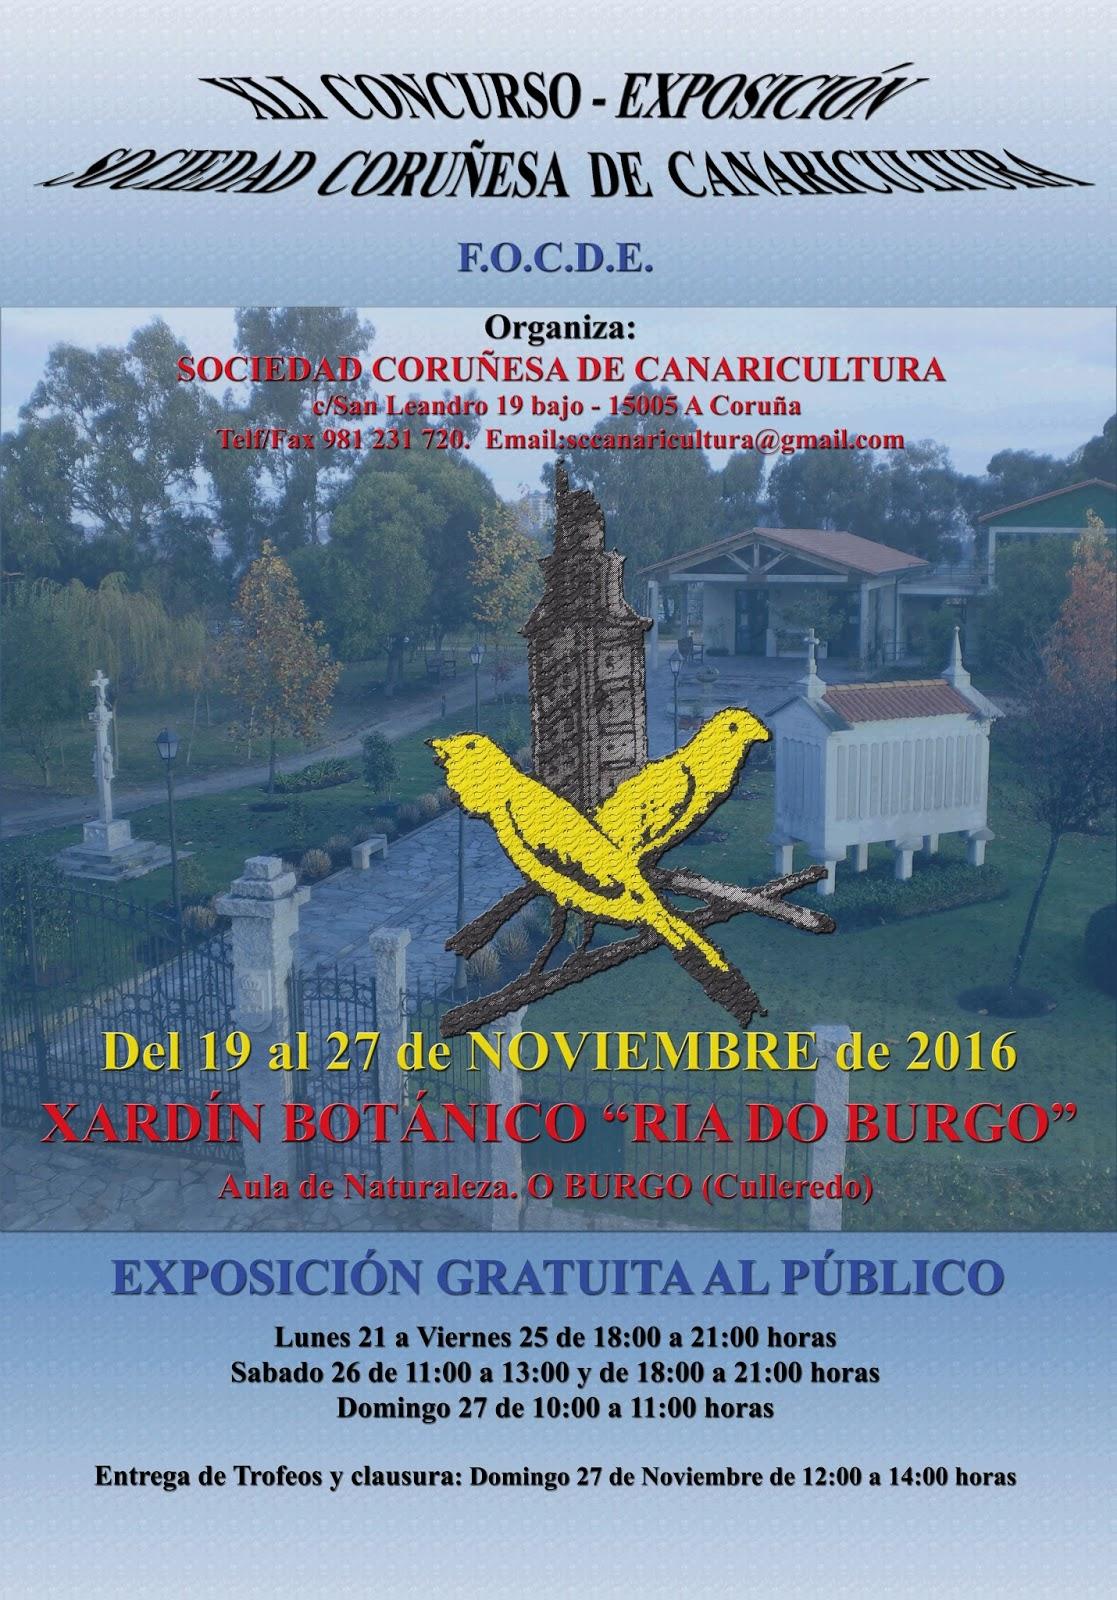 Regional de Focde (A Coruña) EJt1hiUs